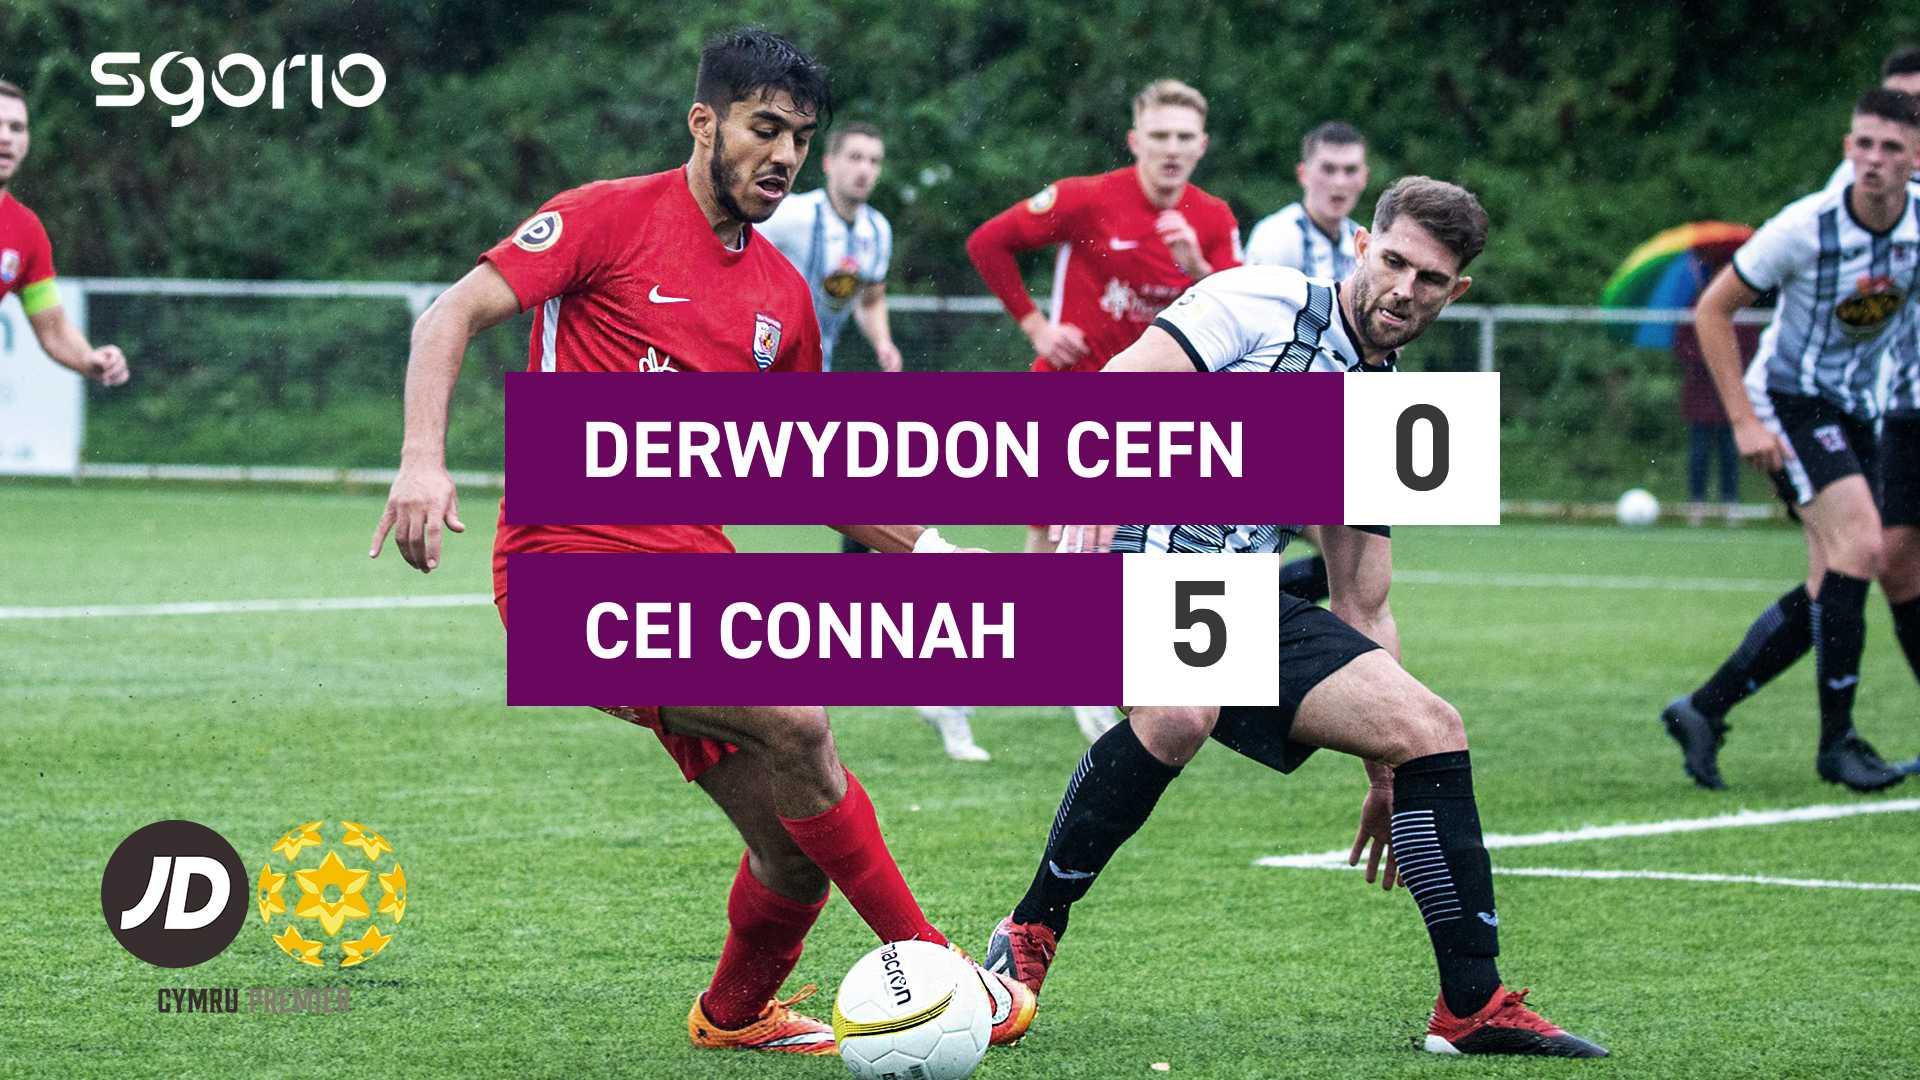 Derwyddon Cefn 0-5 Cei Connah